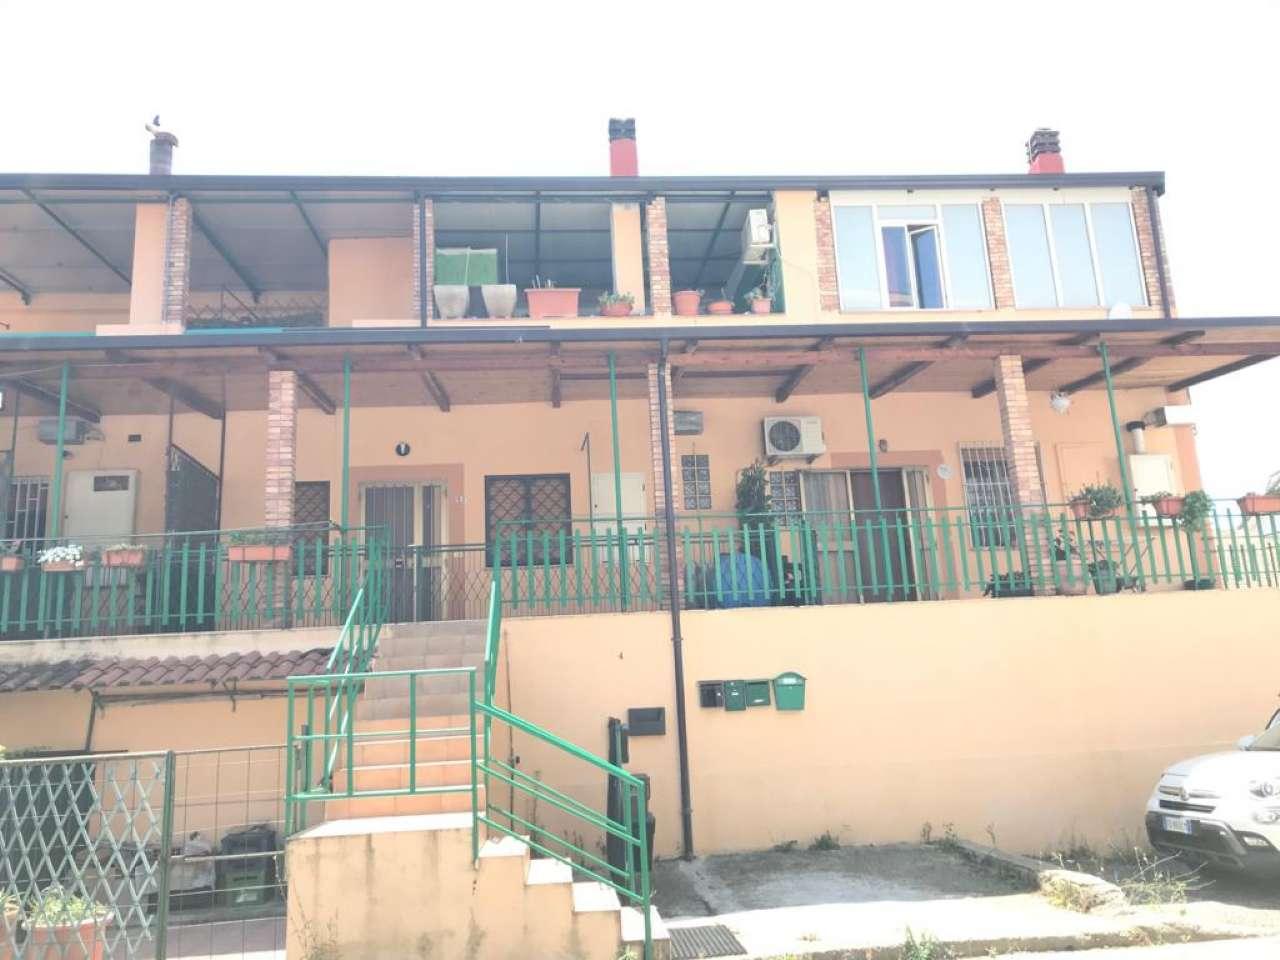 Trilocale, Via San Maria, Località Settimo, Montalto Uffugo, foto 1